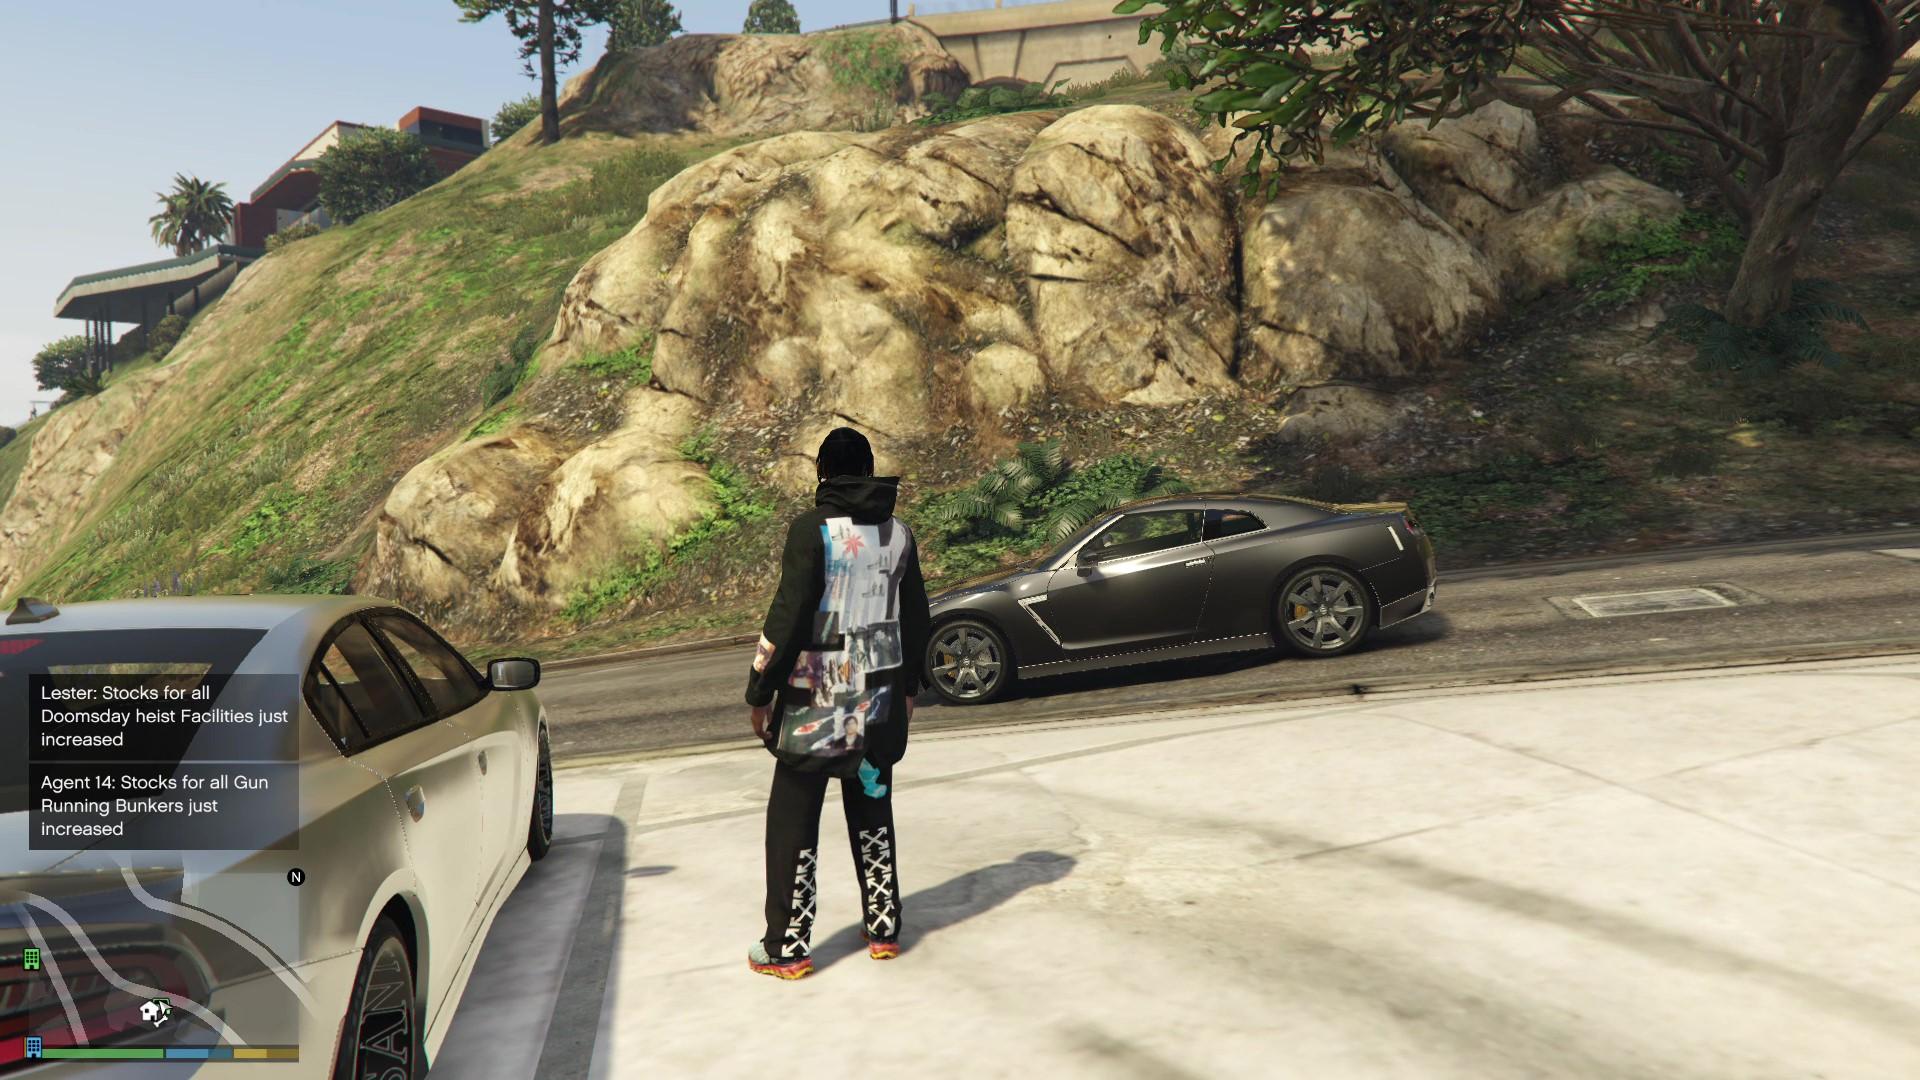 0_1538404177390_Grand Theft Auto V 10_1_2018 9_22_44 PM_Moment.jpg